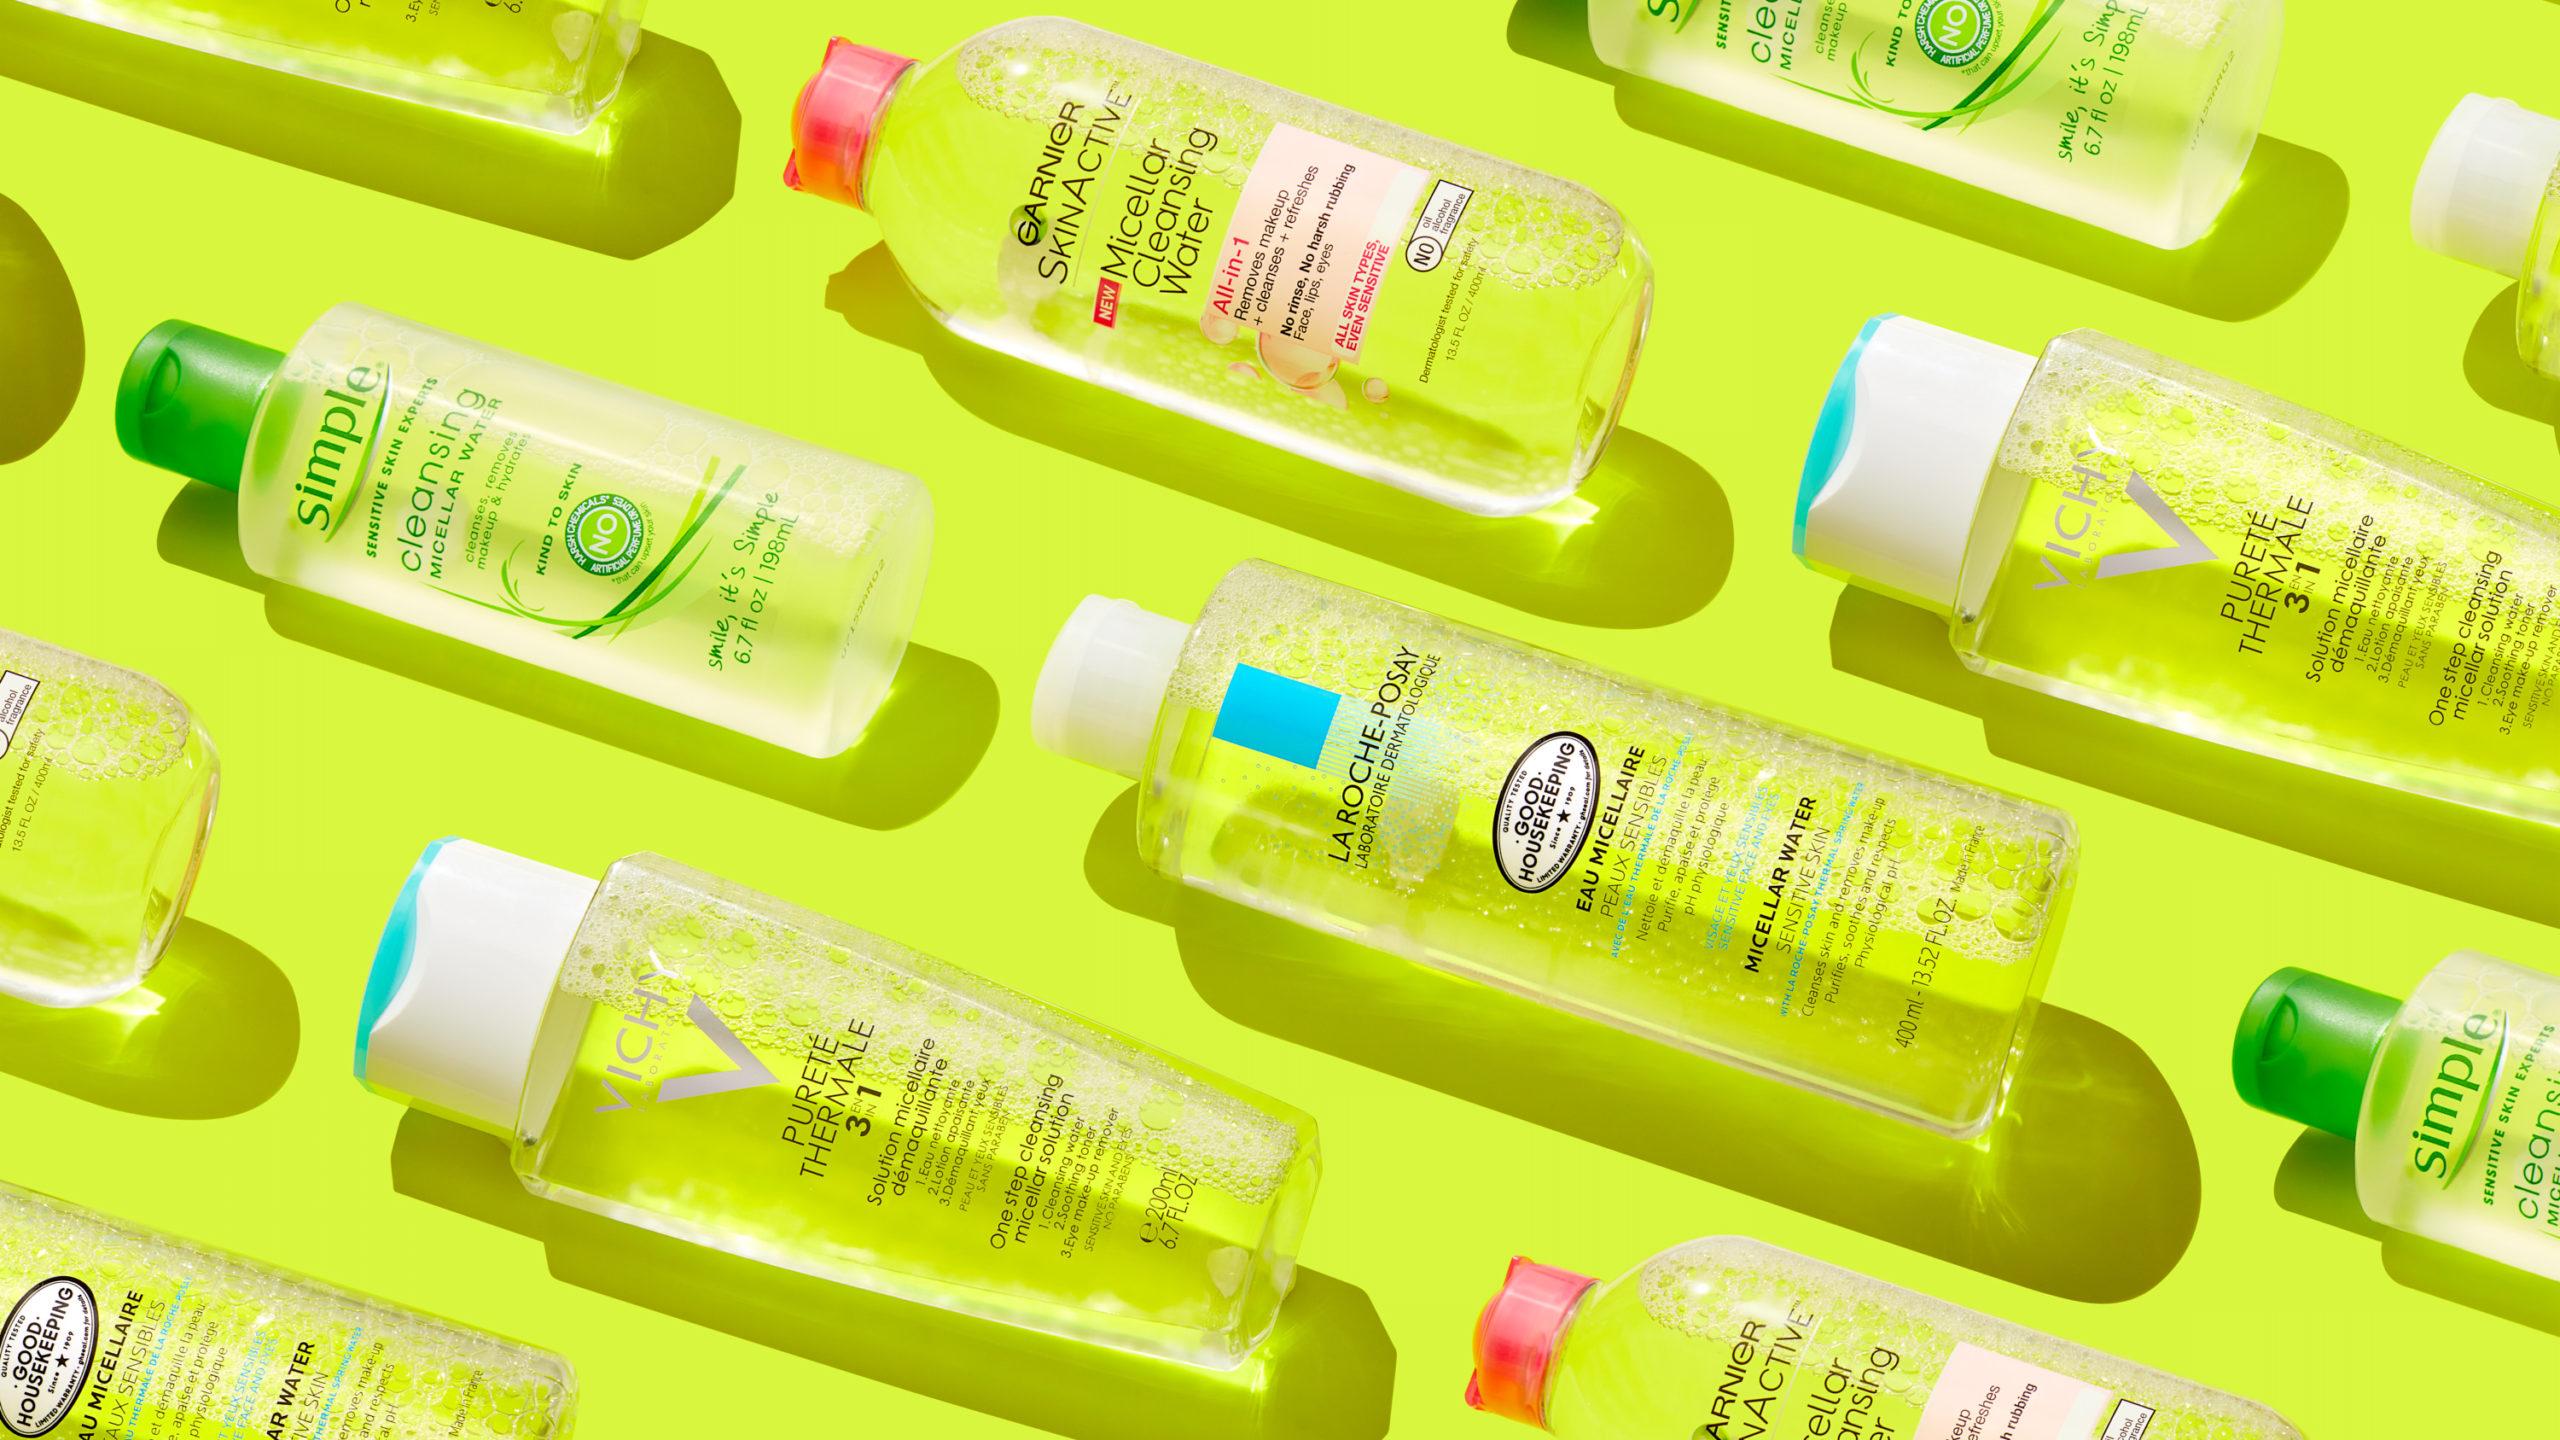 Cea mai buna apa micelara care face minuni pentru orice tip de piele